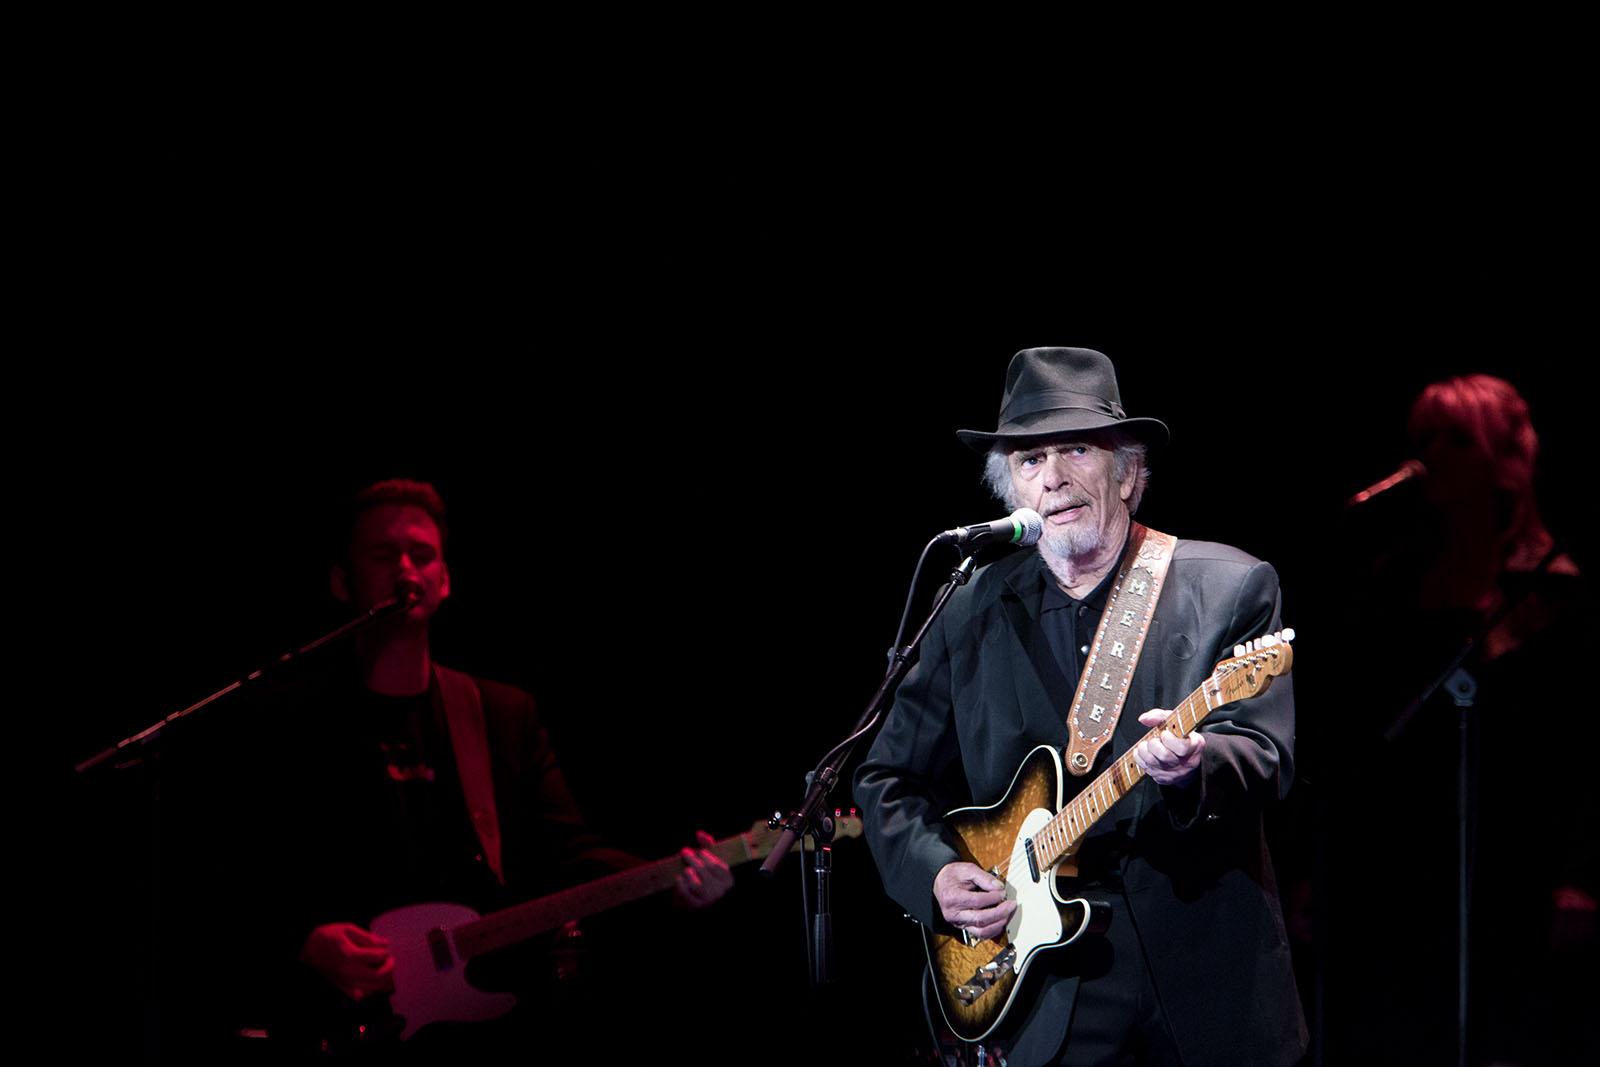 Merle Haggard spelar på Music Hall i Tarrytown, NY den 4 november 2013. Till vänster är hans son Ben Haggard som spelar gitarr i bandet.